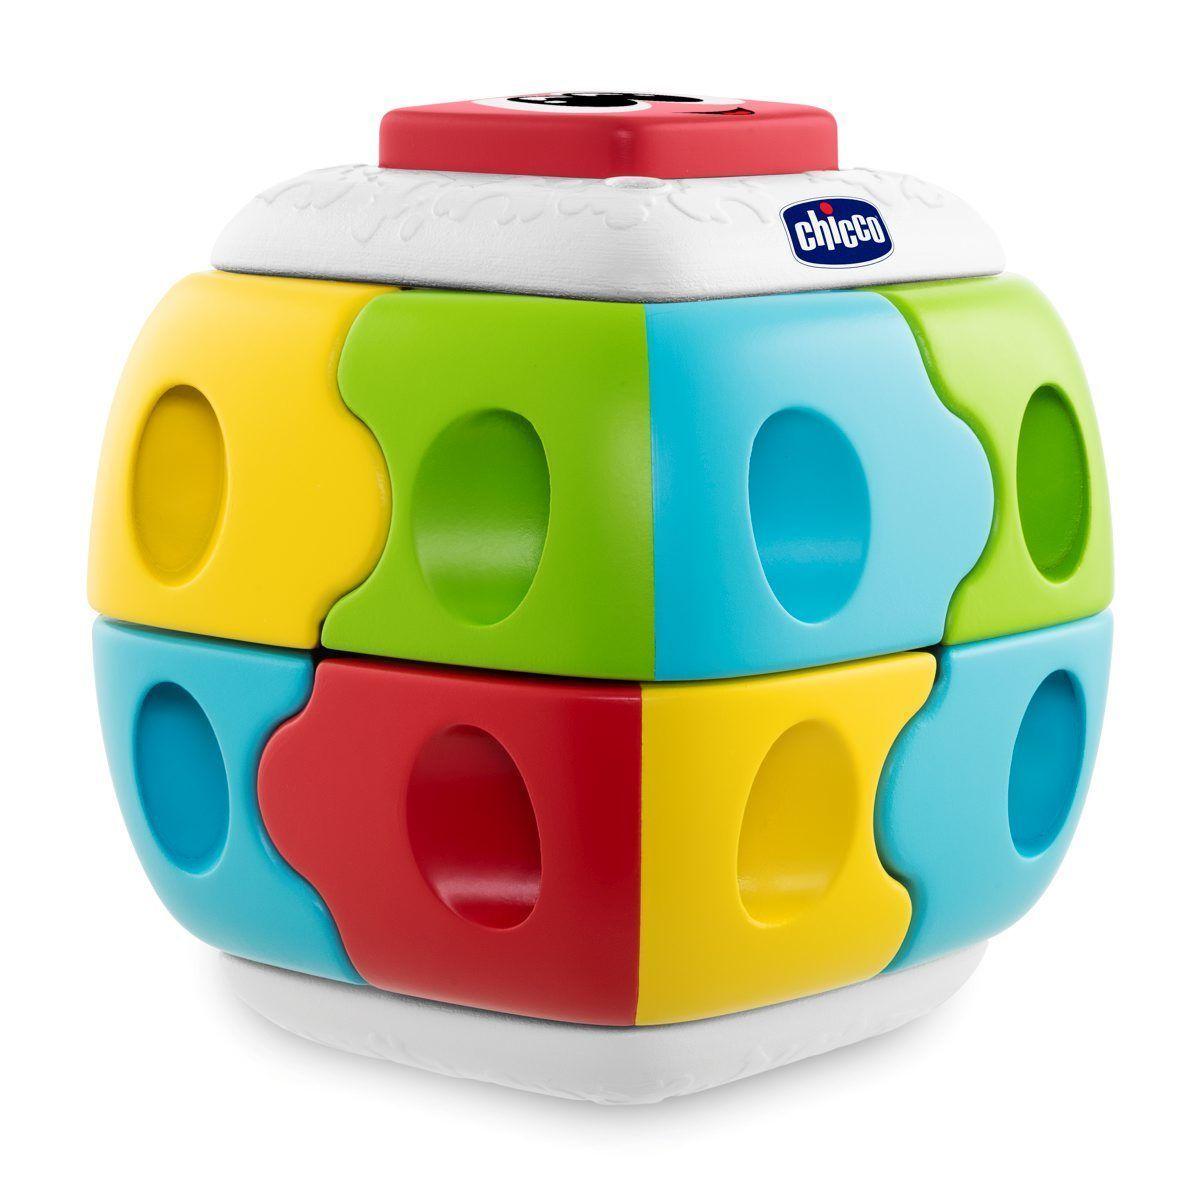 Игрушка-конструктор 2 в 1 Chicco Куб 18м+